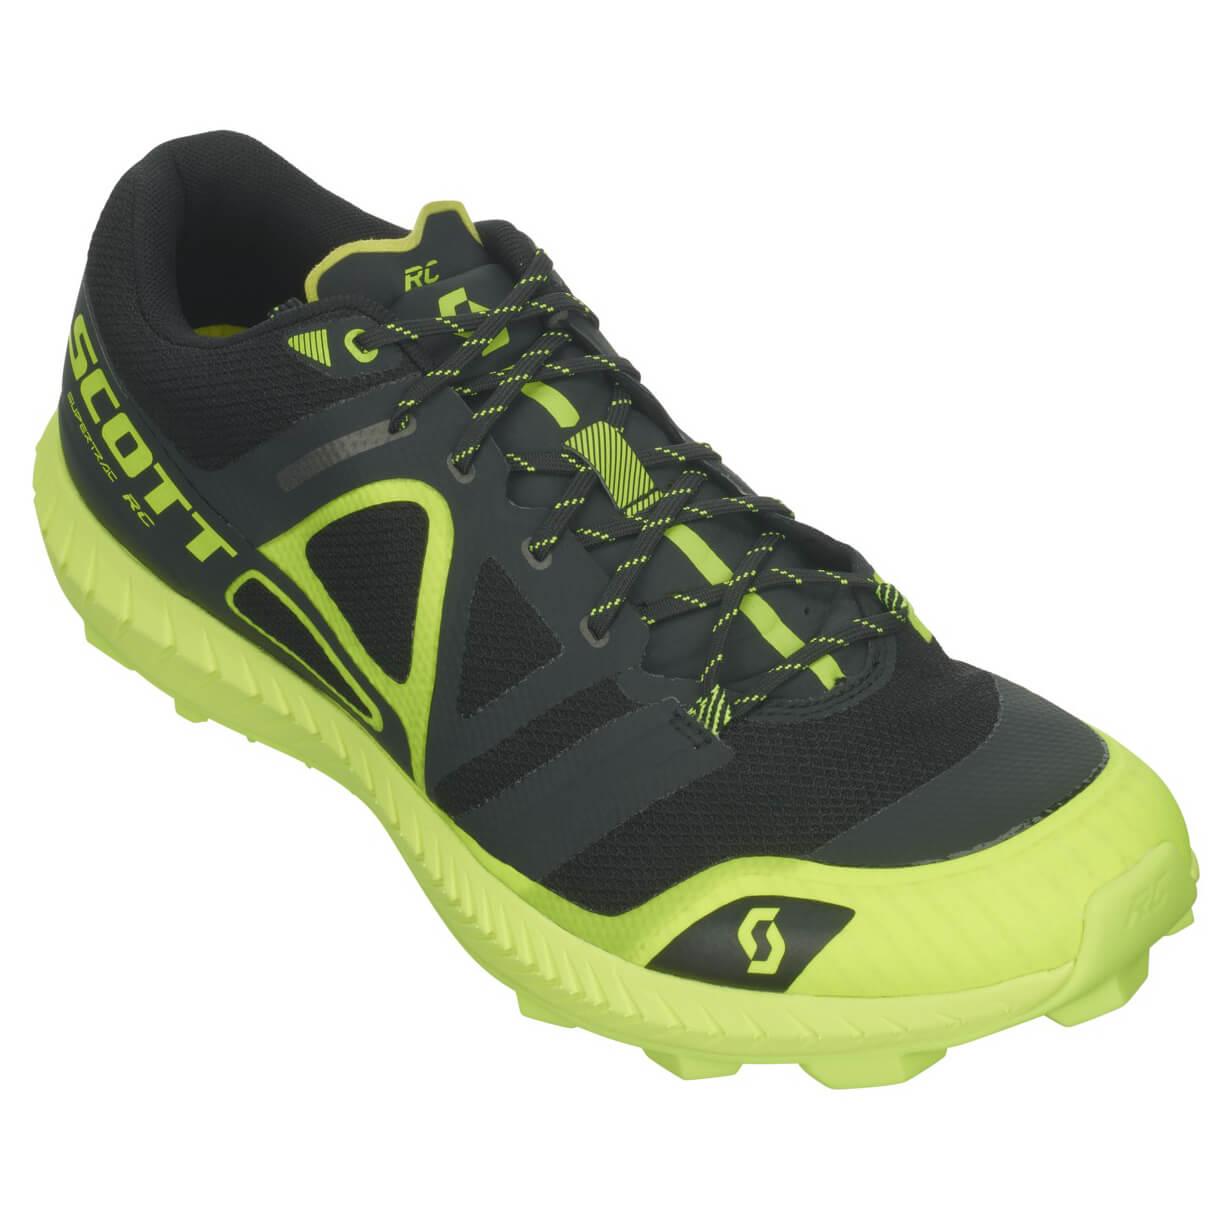 Gratuite Supertrac De Trail Rc Scott Chaussures HommeLivraison Yg7bf6y